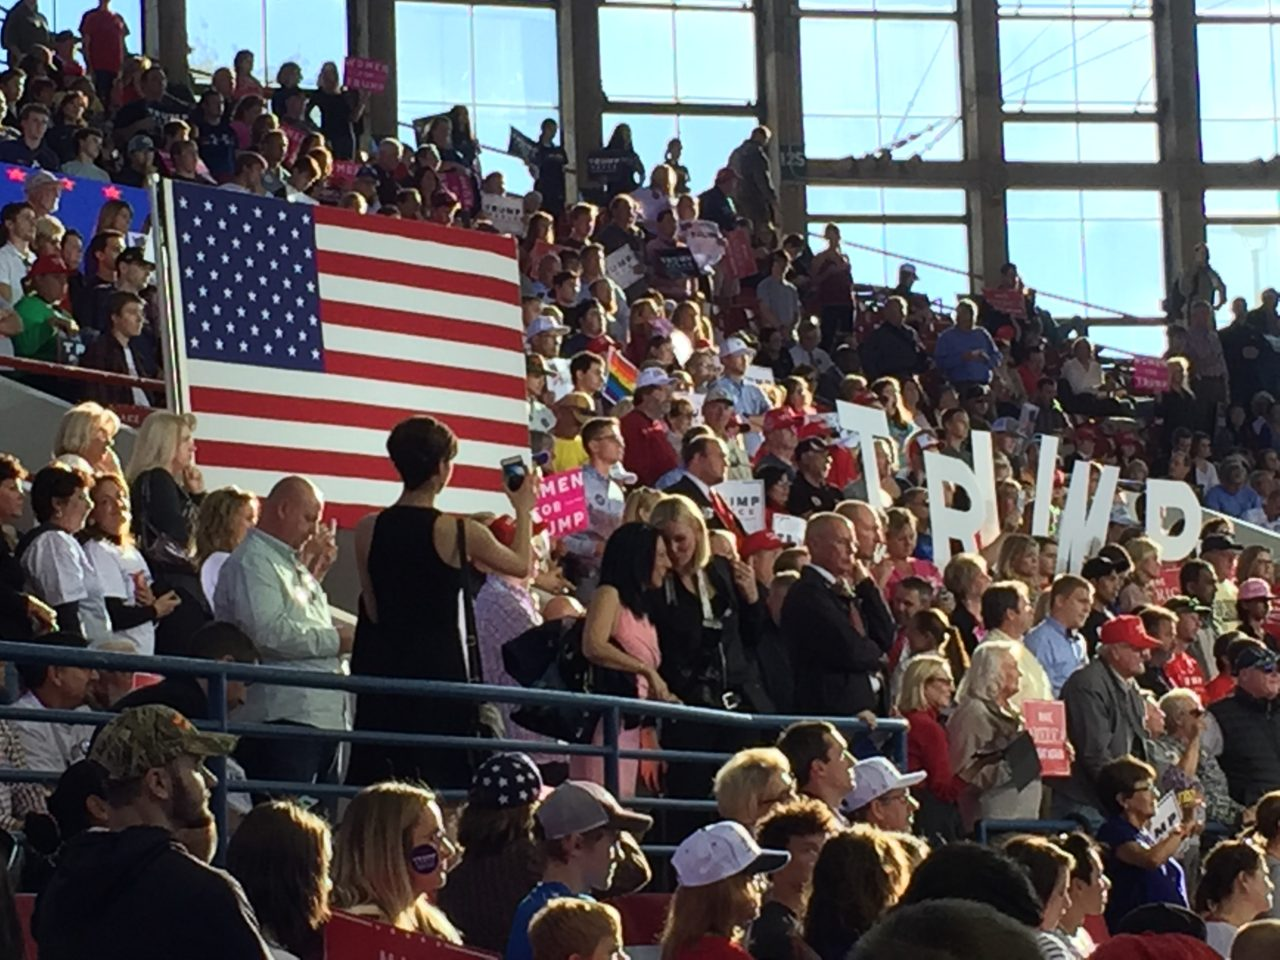 Donald Trump Raleigh North Carolina Rally (Joel Pollak / Breitbart News)